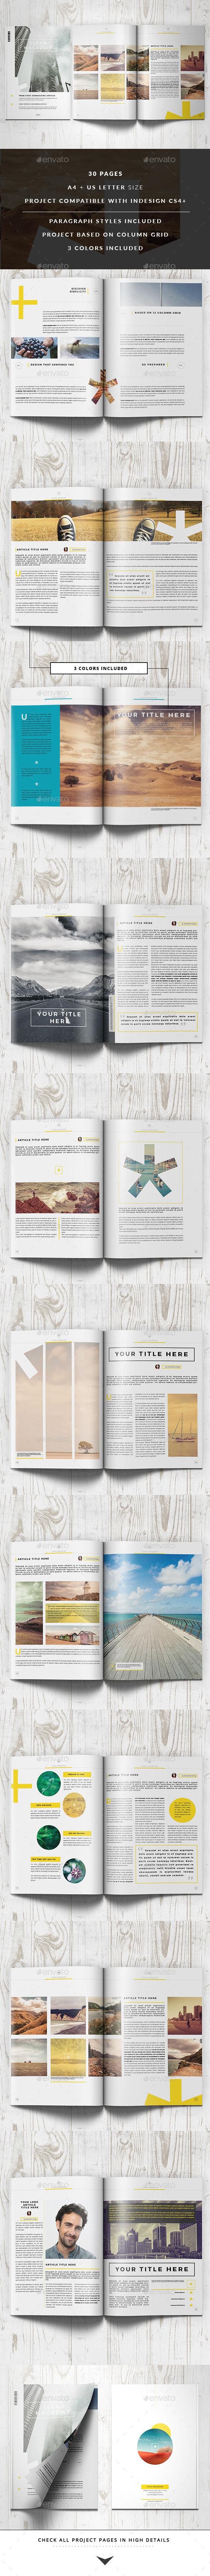 GraphicRiver Clean Magazine Template 11422937